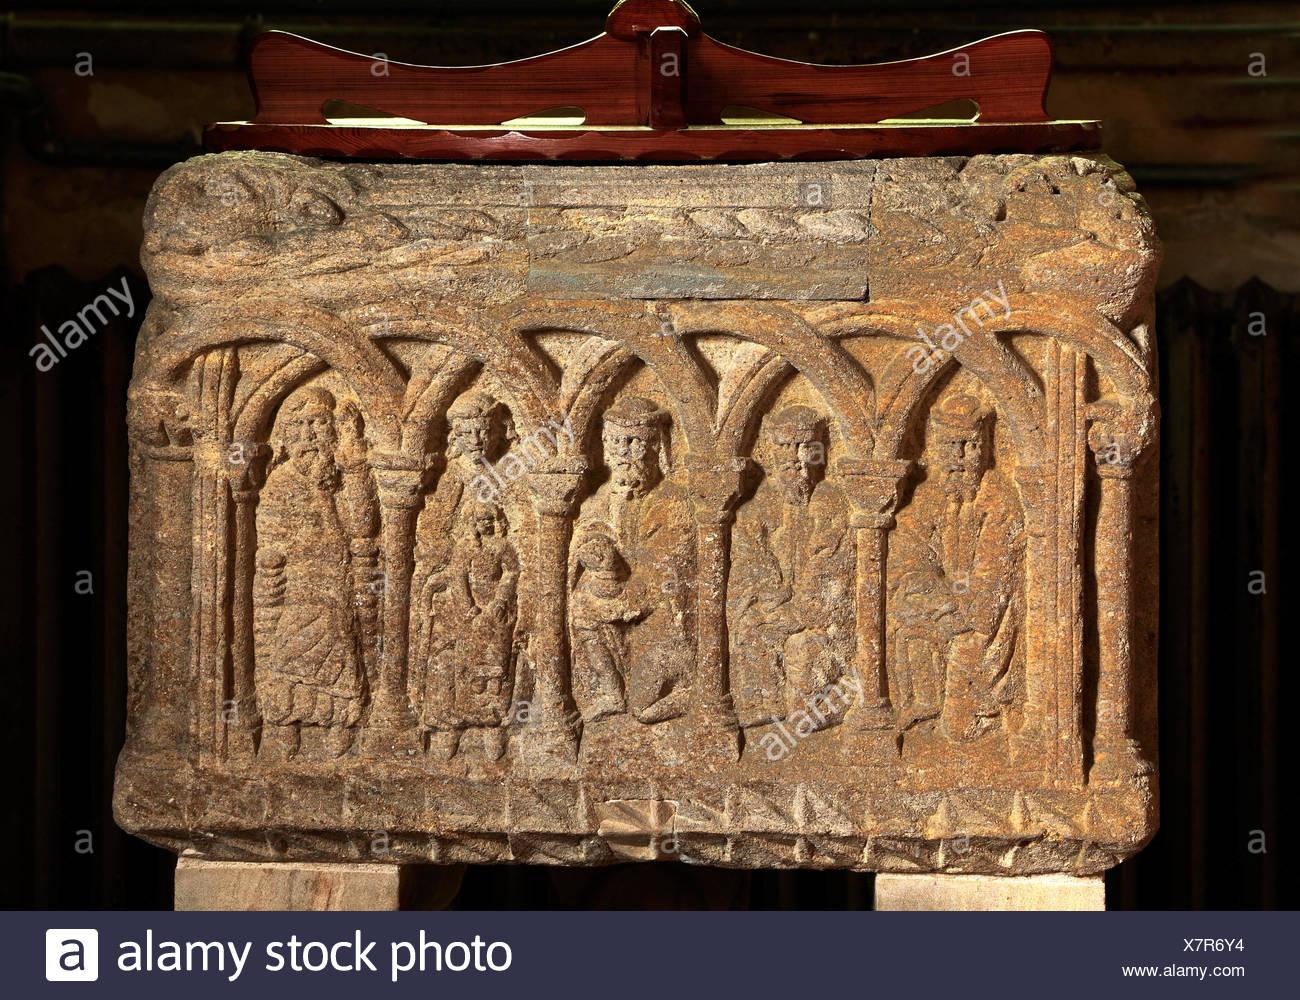 Sculthorpe chiesa, normanni del XII secolo Font, Adorazione dei Magi, sculture in pietra in incastro archi romanici, Norfolk England Regno Unito Immagini Stock